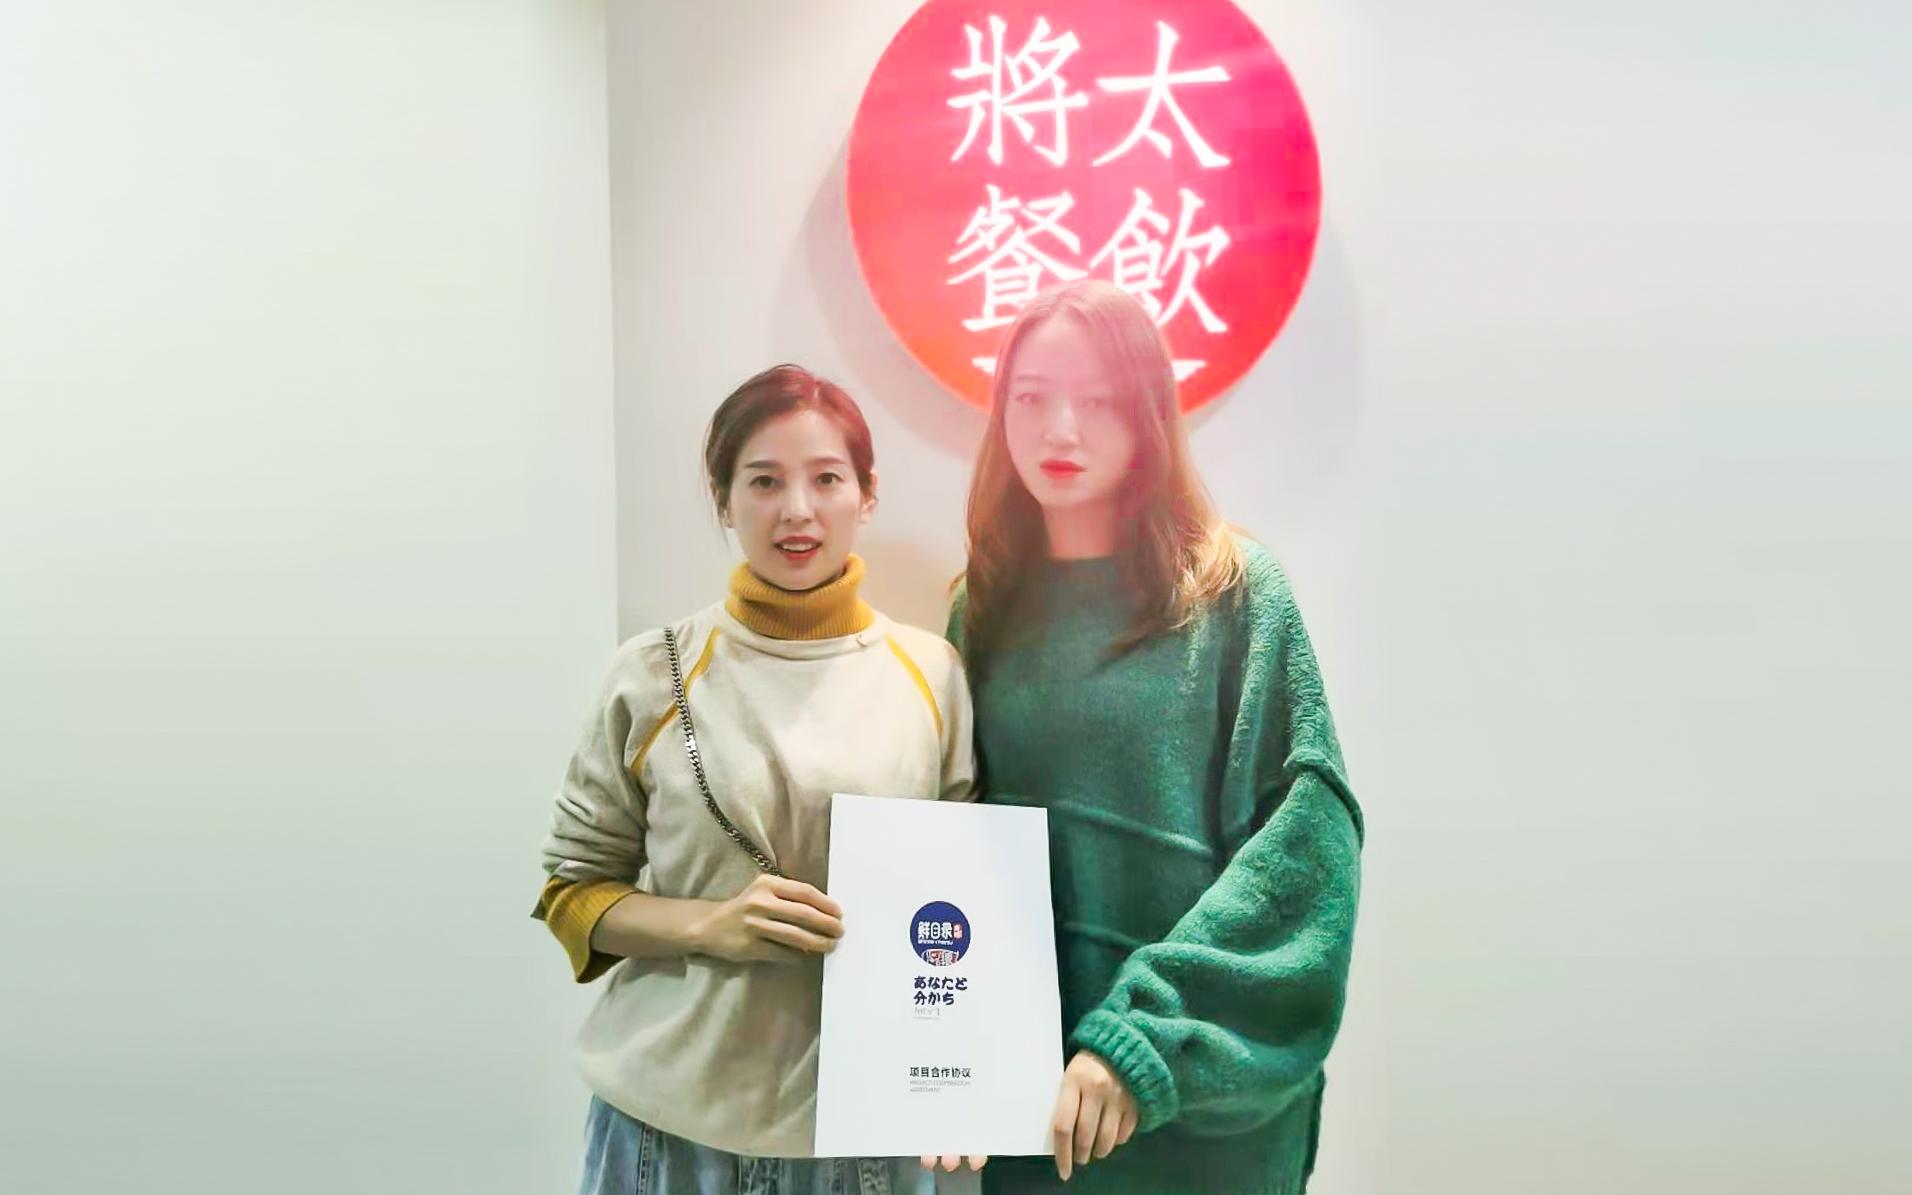 恭喜浙江杭州蒋女士签约鲜目录寿司!